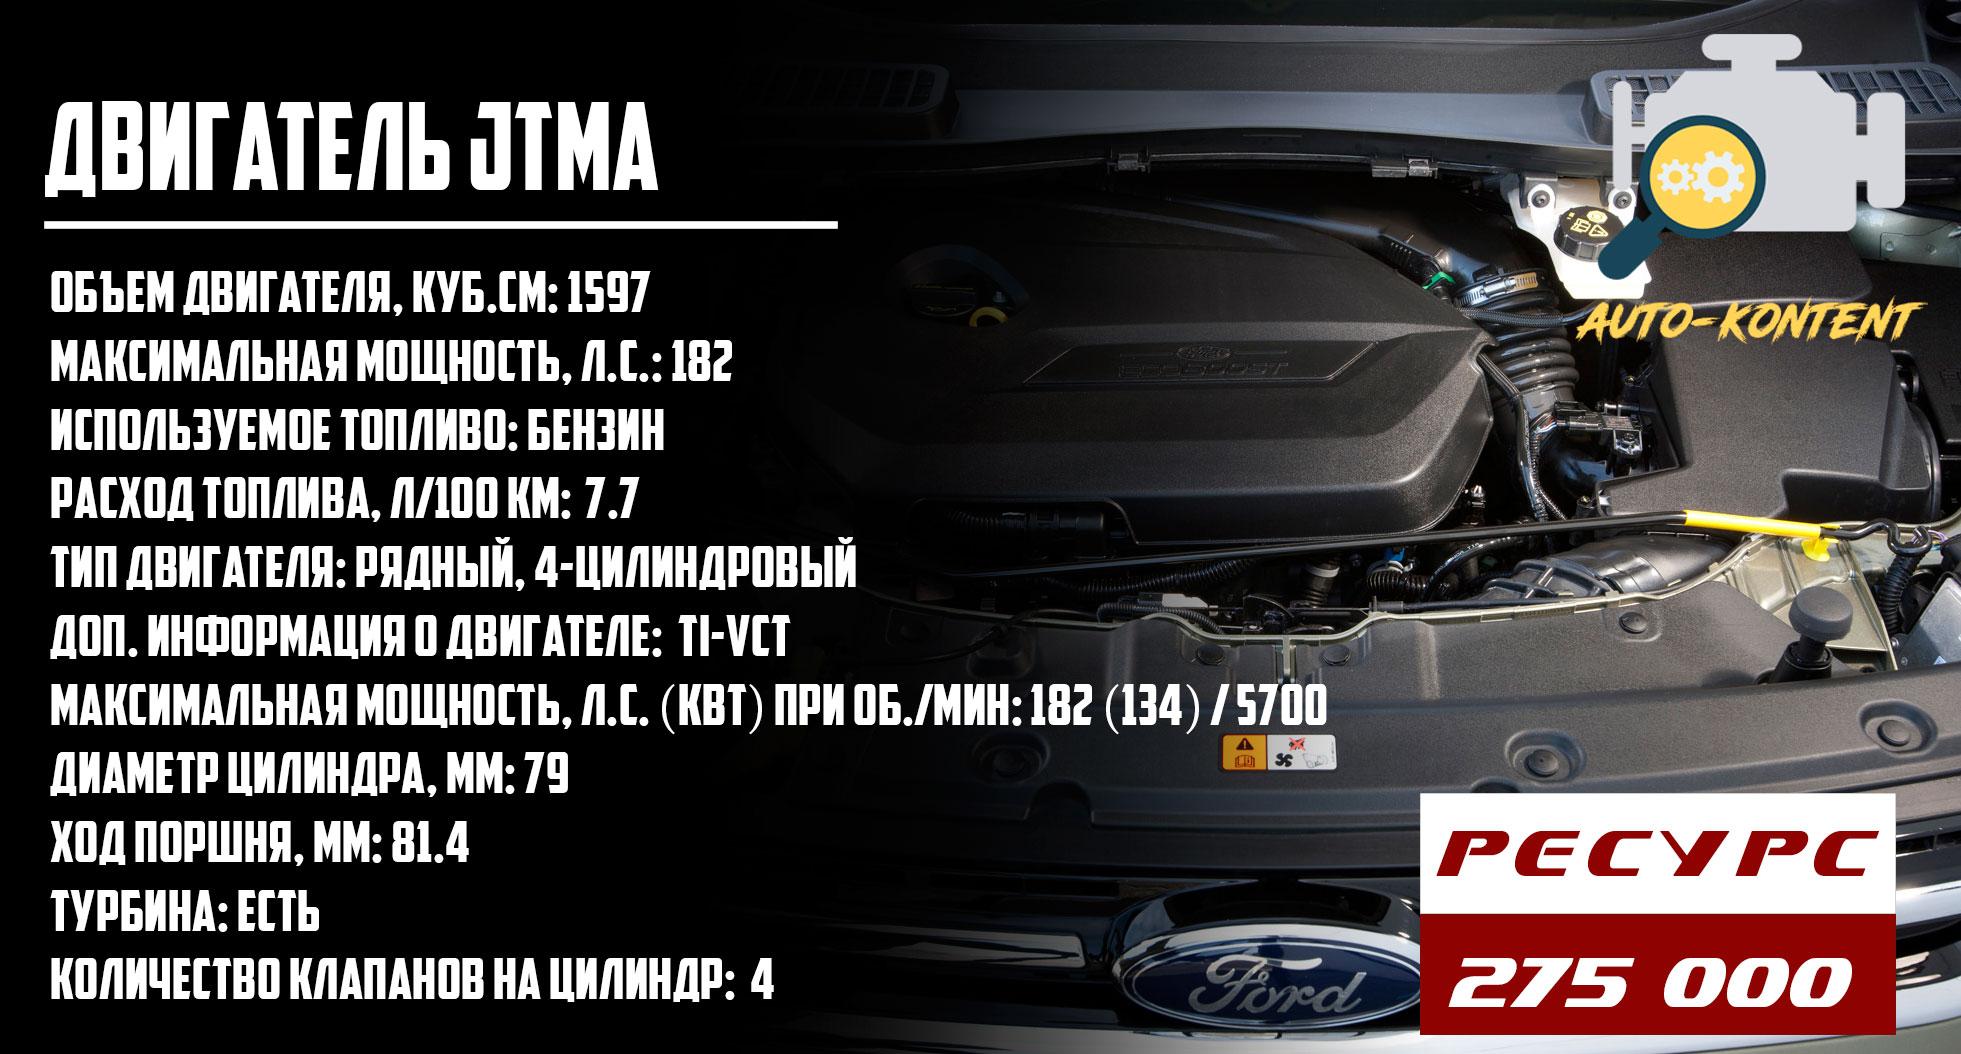 ресурс двигателя JTMA